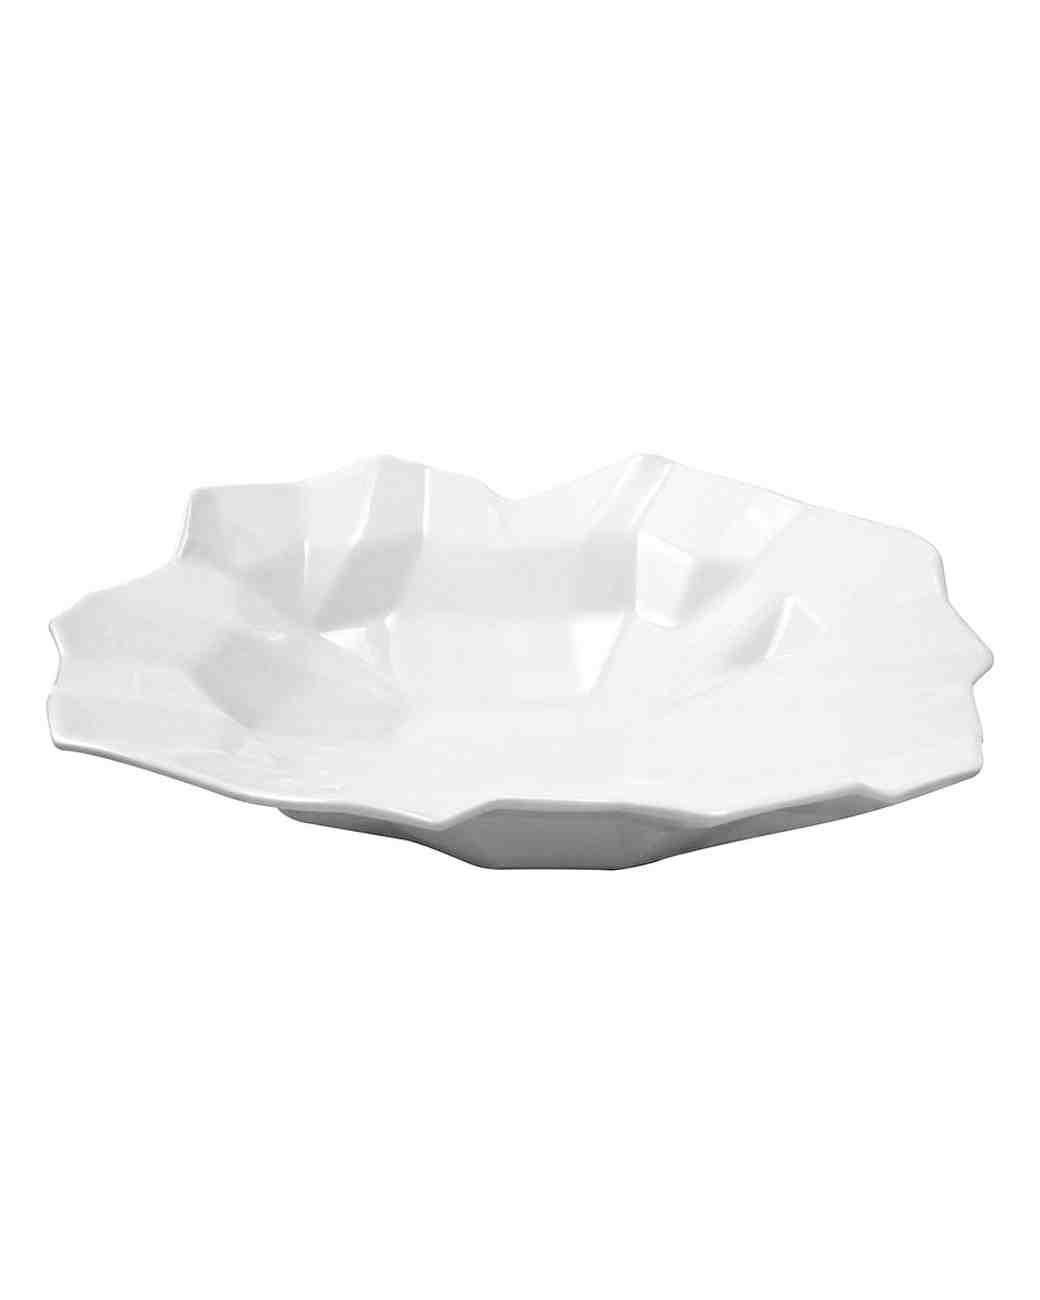 vista alegre quartz bowl